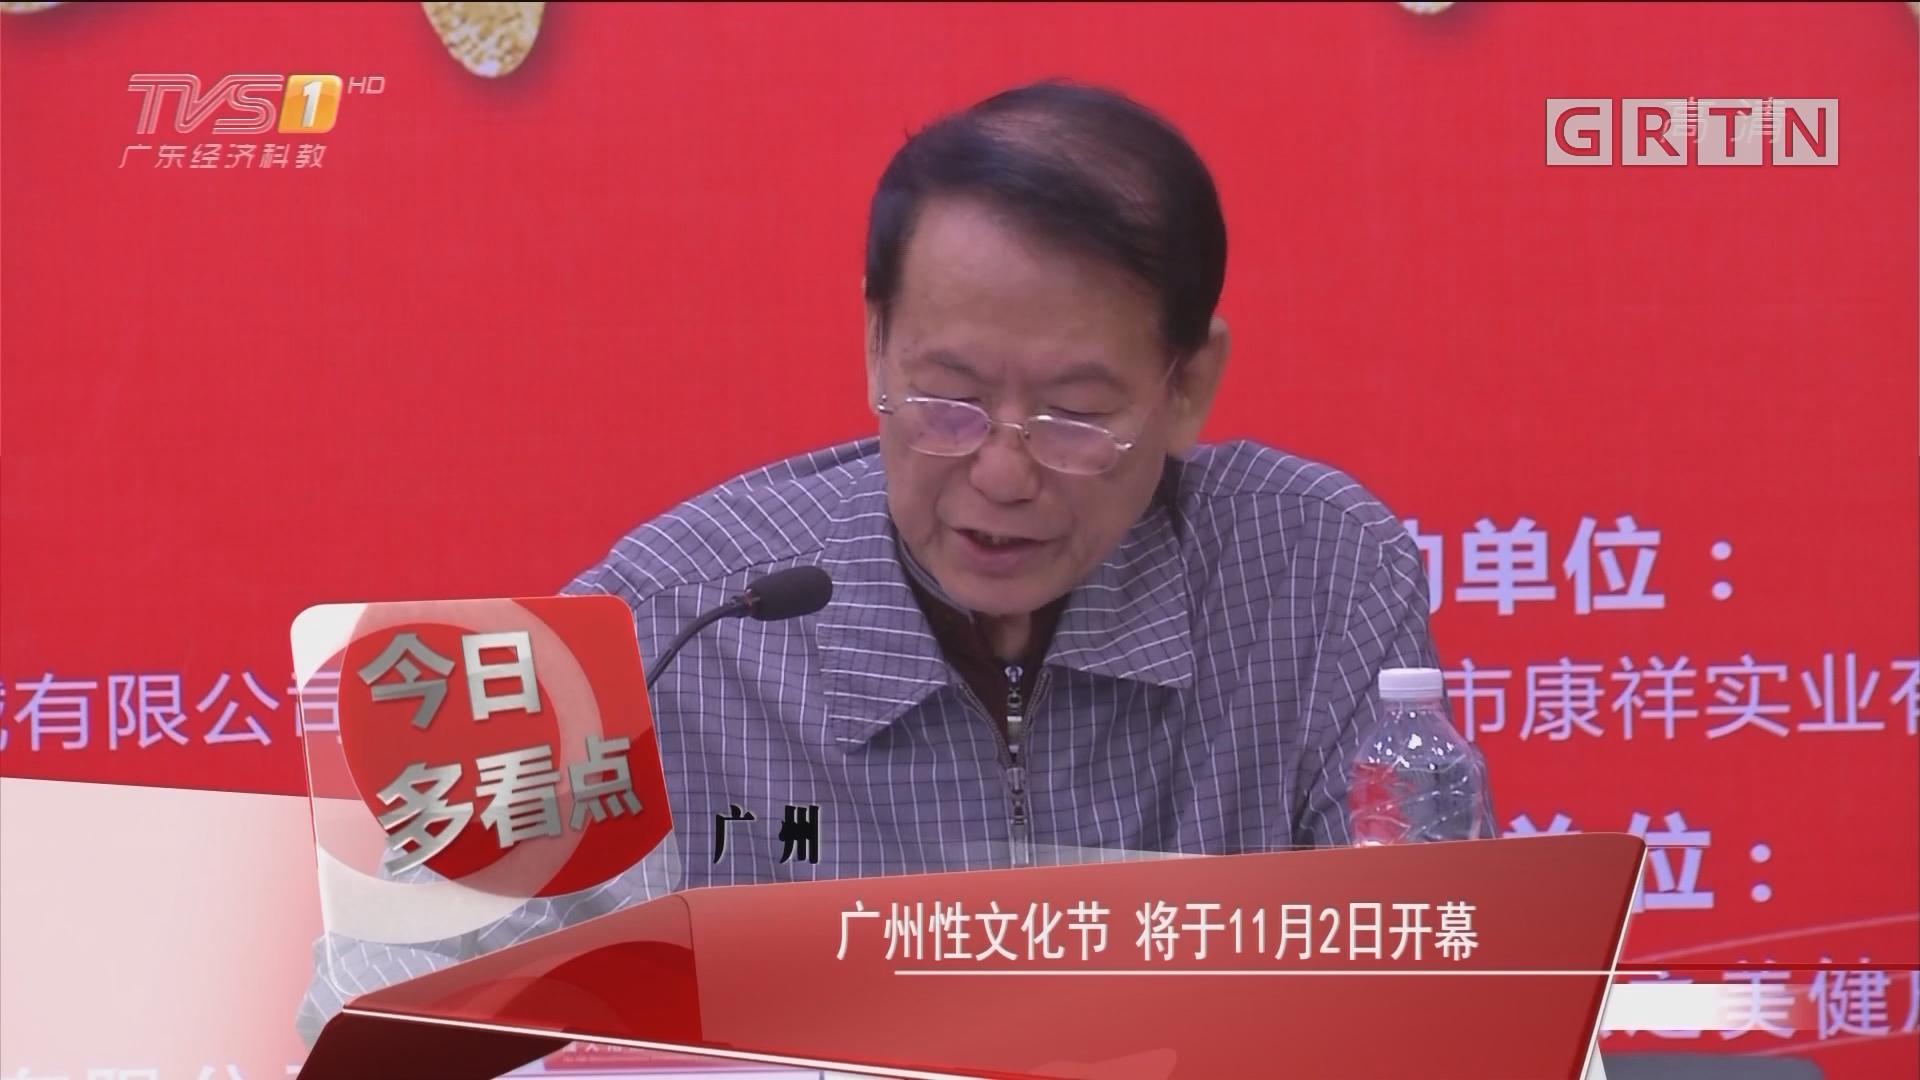 广州:广州性文化节 将于11月2日开幕